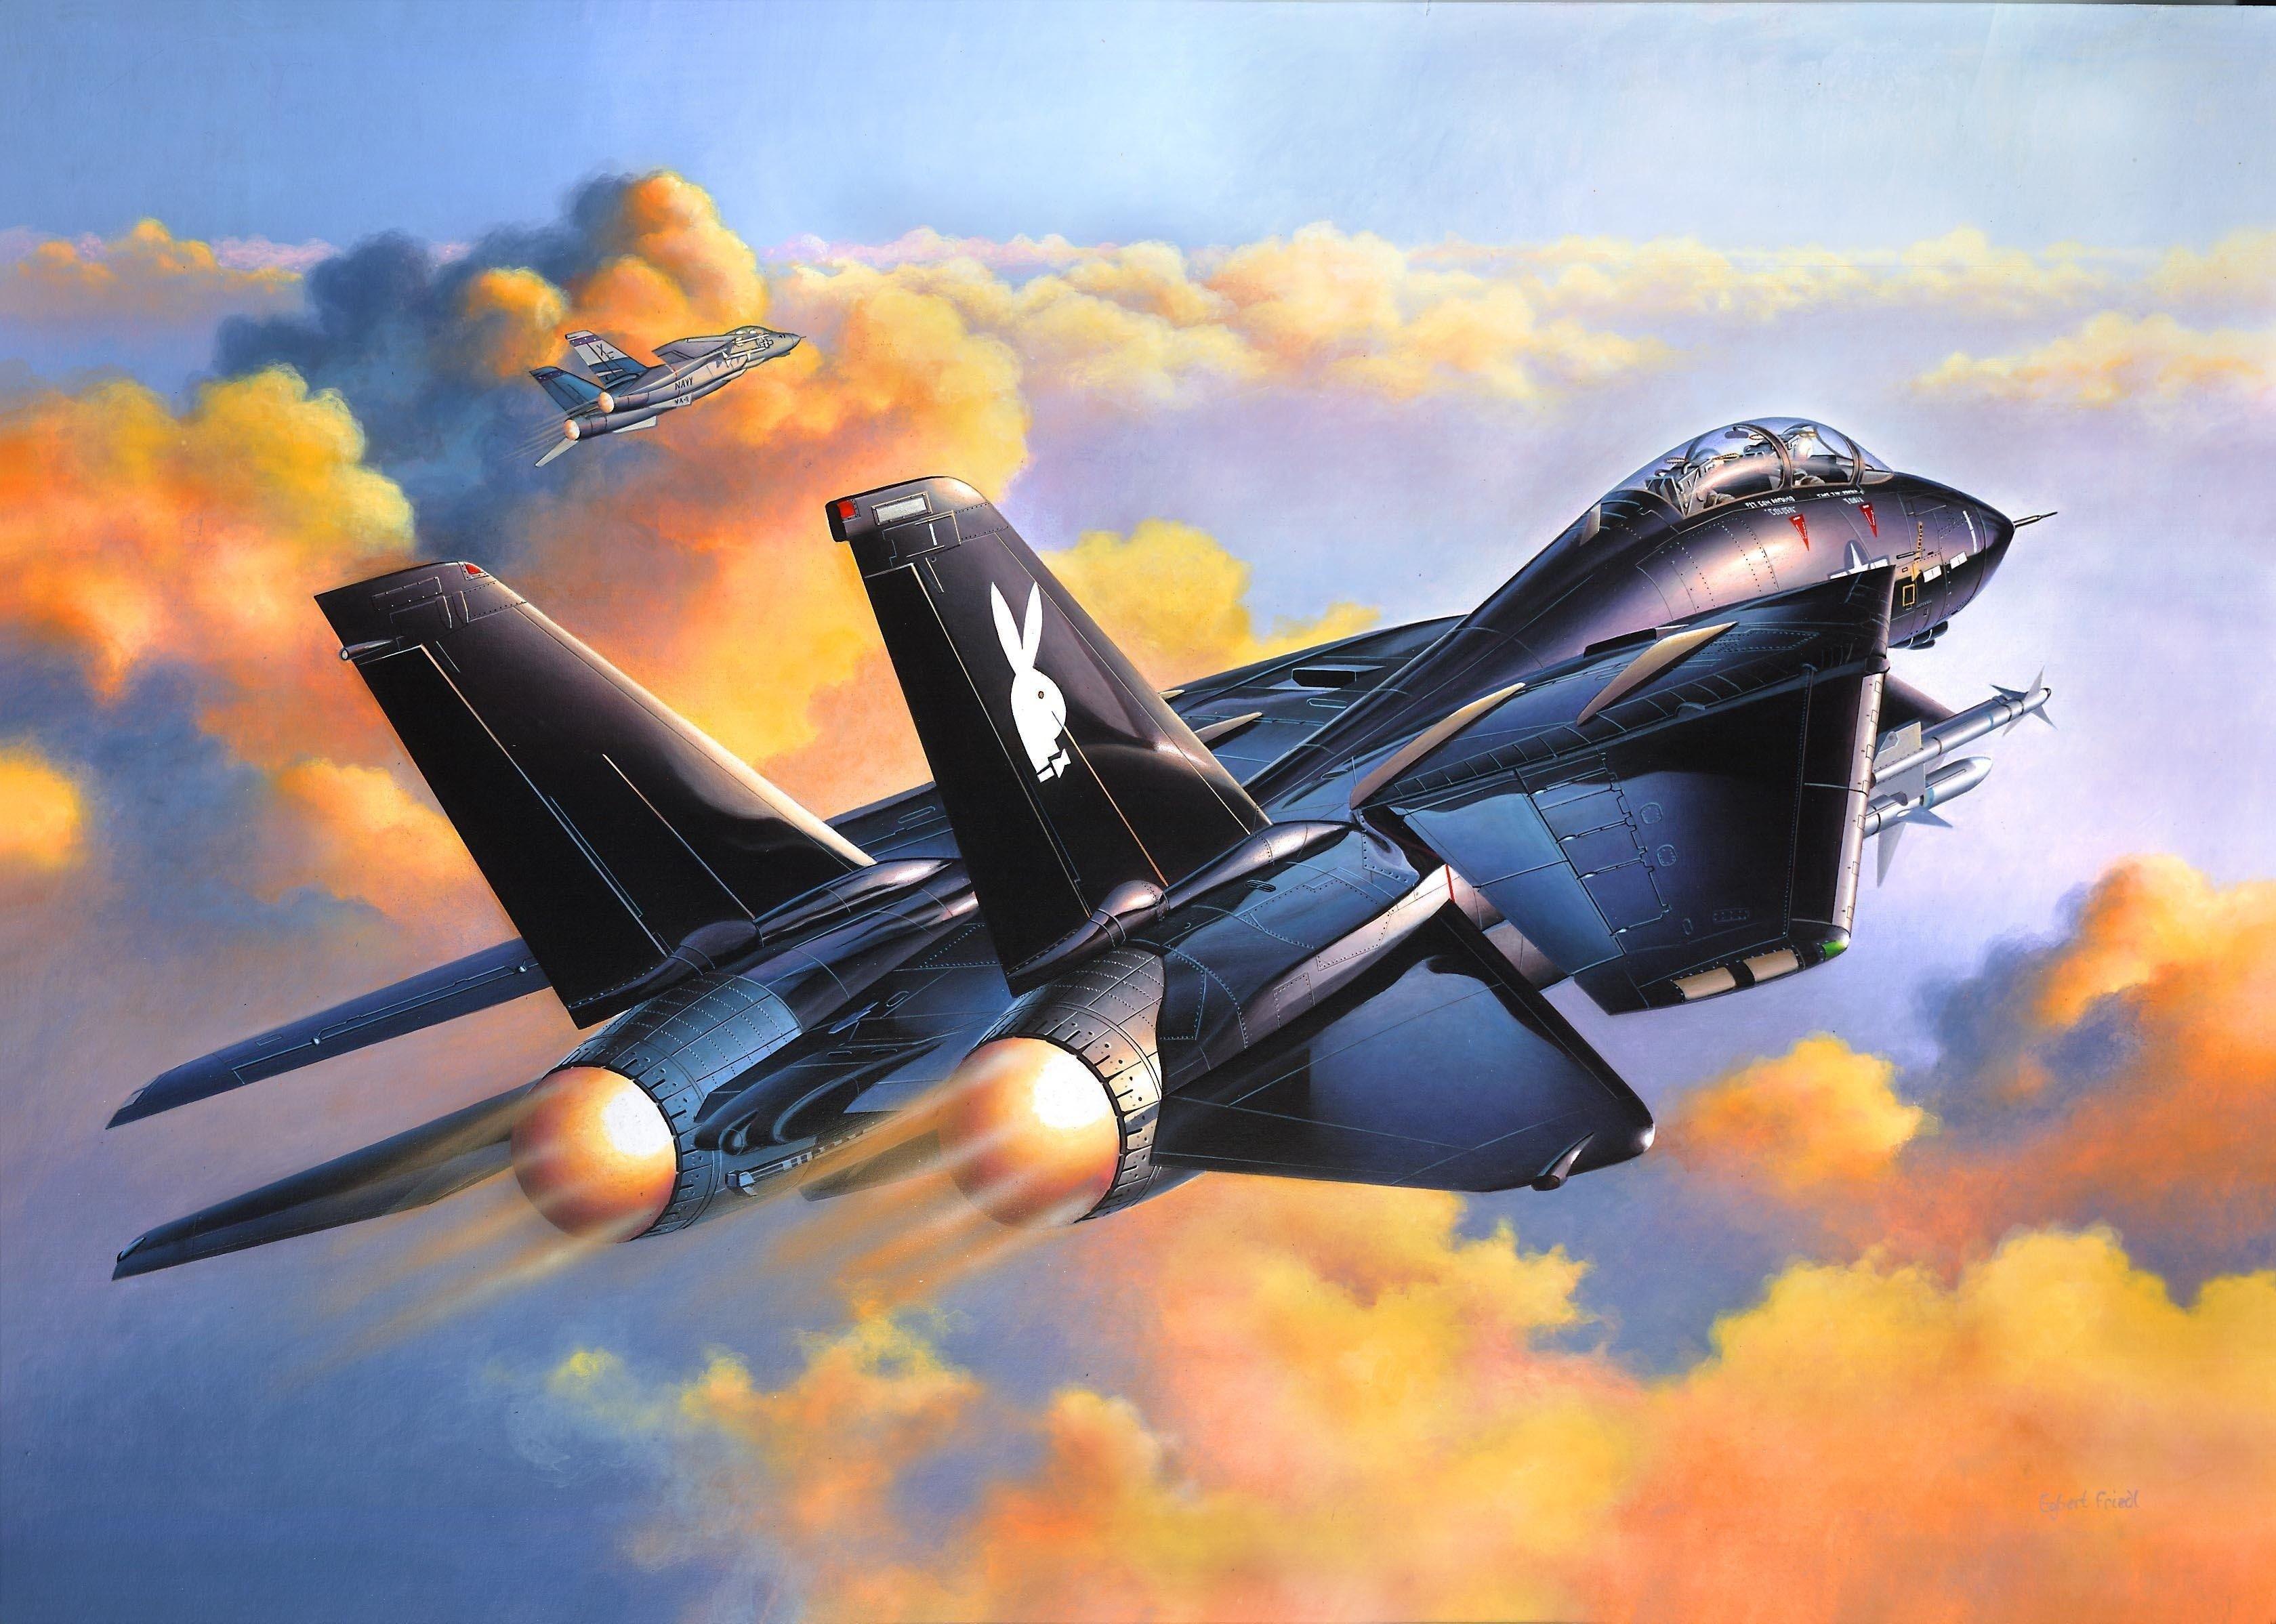 3359x2397 High Resolution Wallpapers Widescreen Grumman F 14 Tomcat Fighter Jets Aircraft Art Military Aircraft